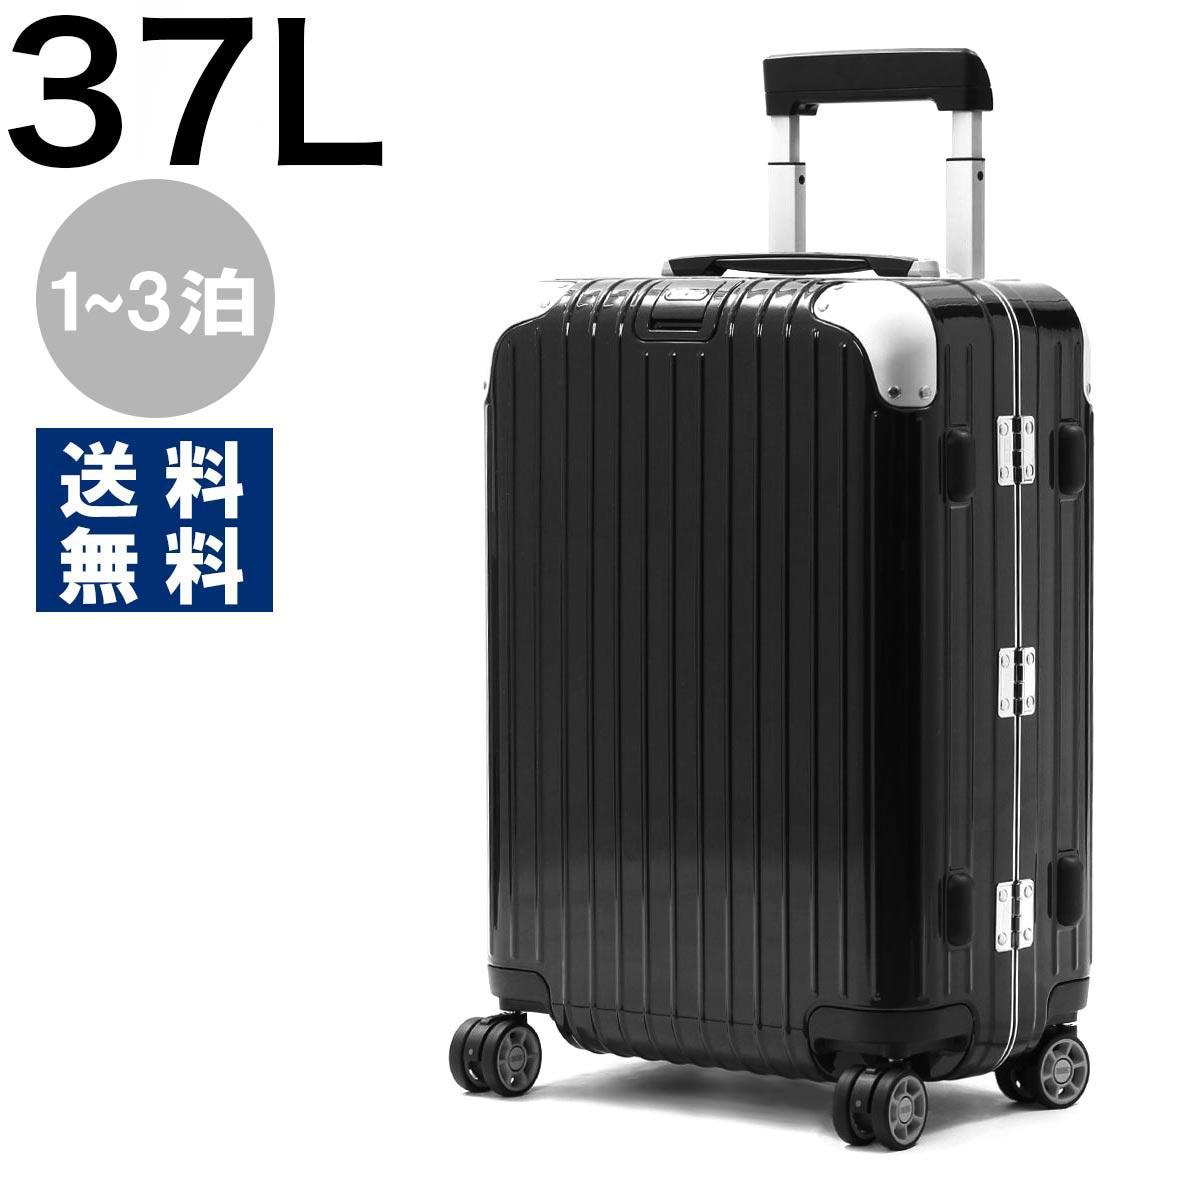 リモワ スーツケース/旅行用バッグ バッグ メンズ レディース リンボ キャビン 37L 1~3泊 ブラック 881.53.50.4 RIMOWA